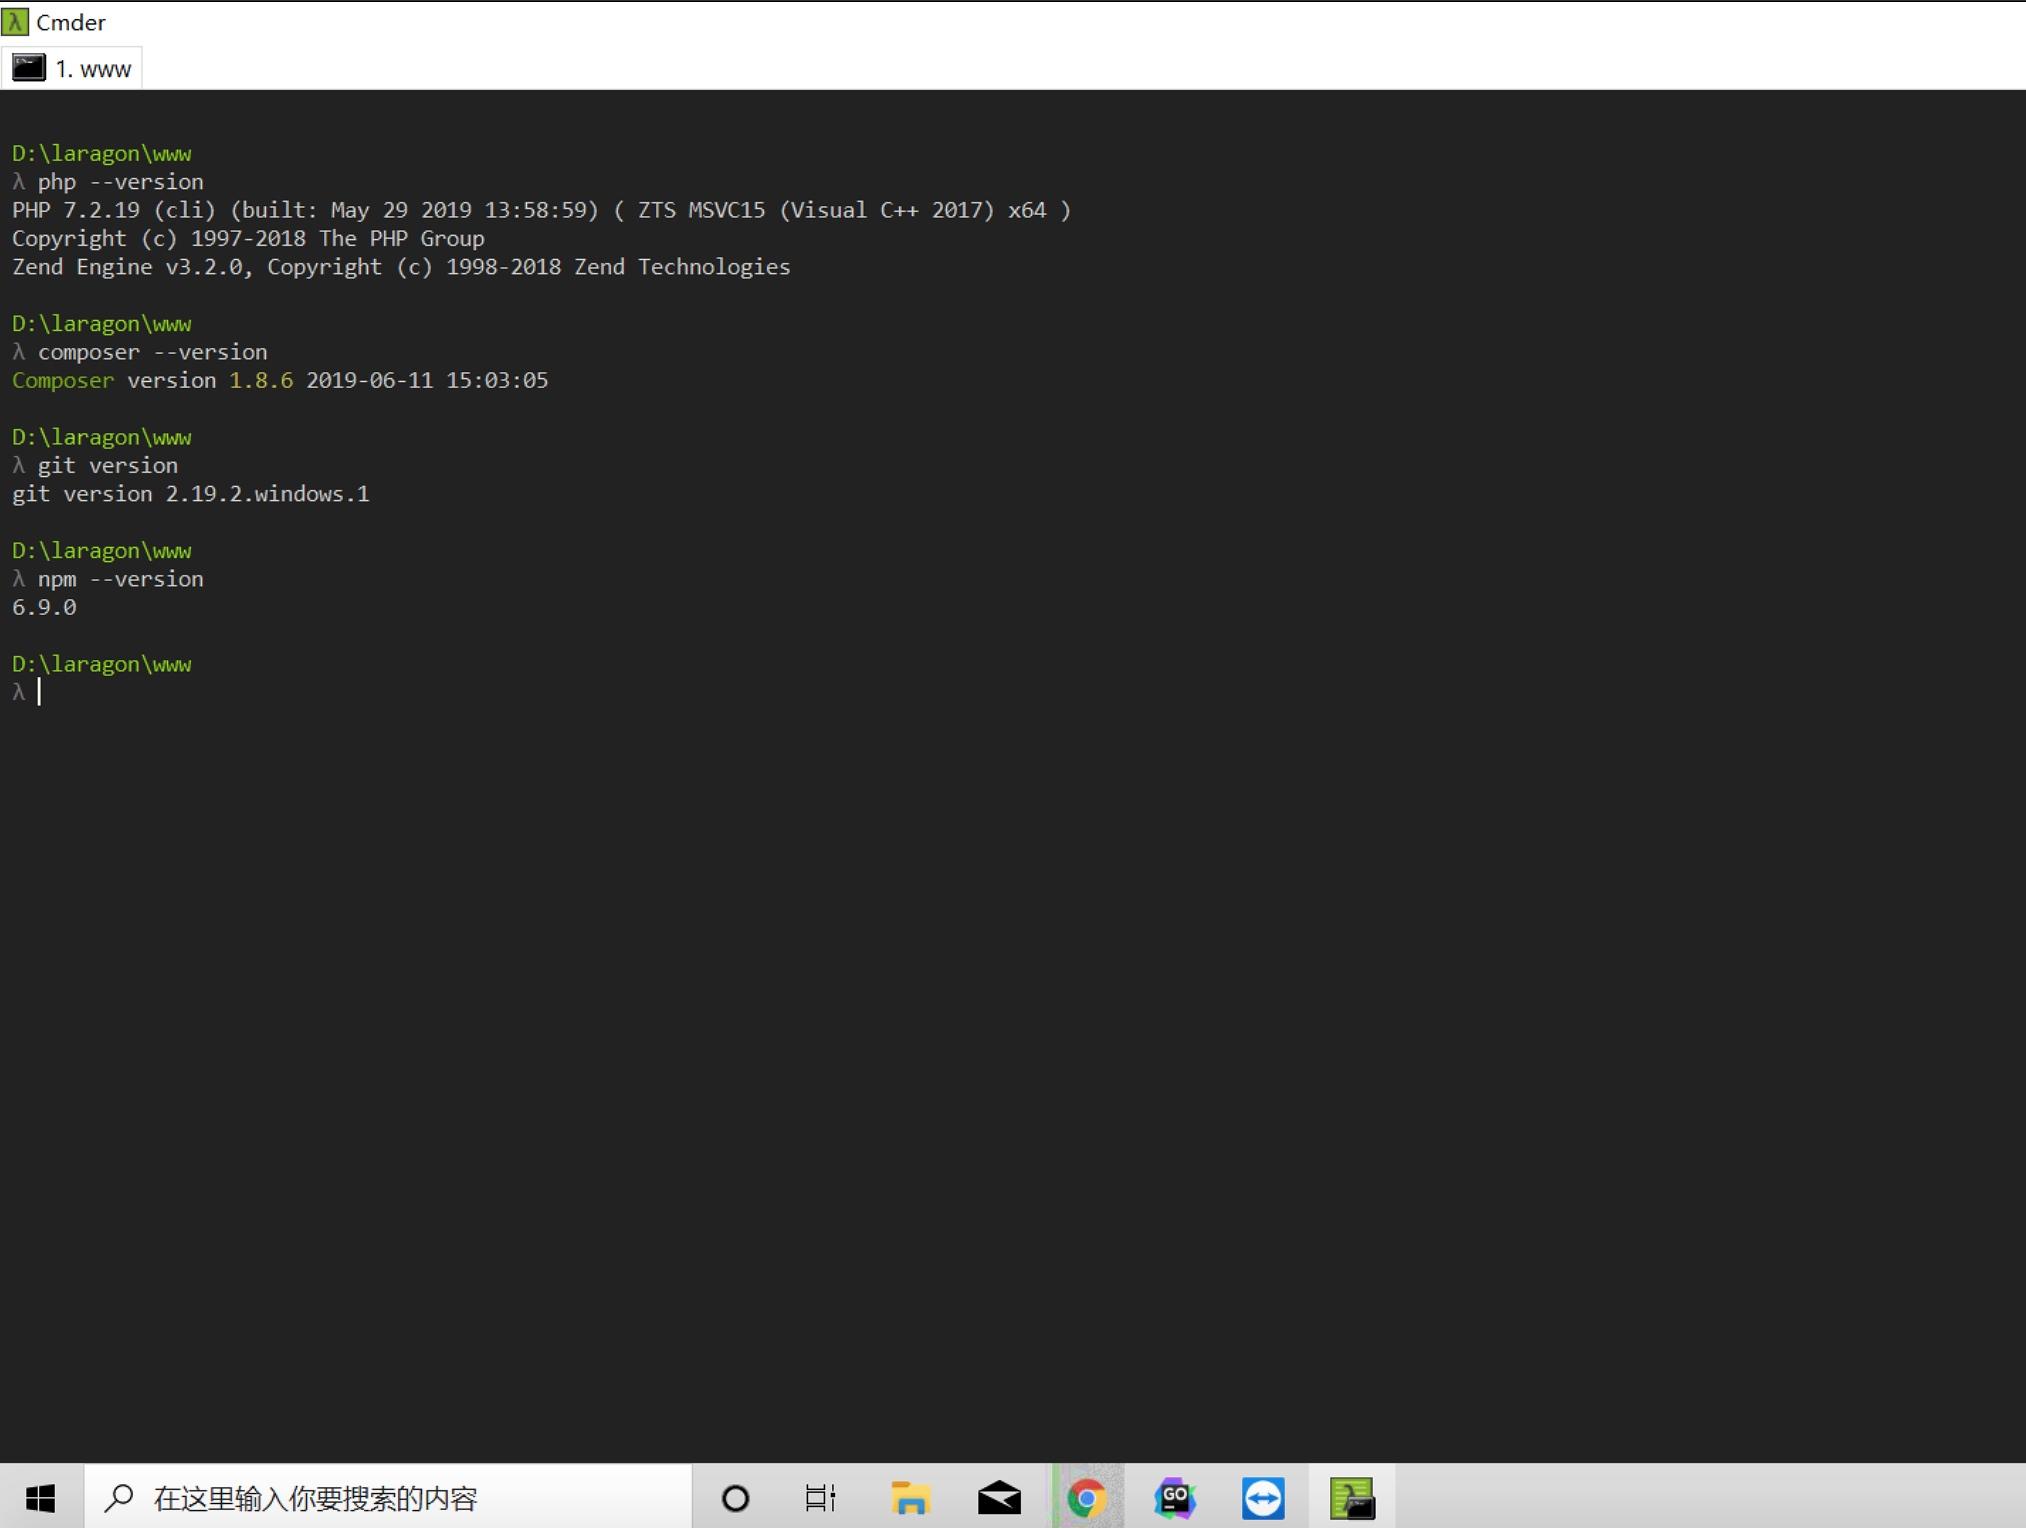 验证 PHP、Composer、Git 安装